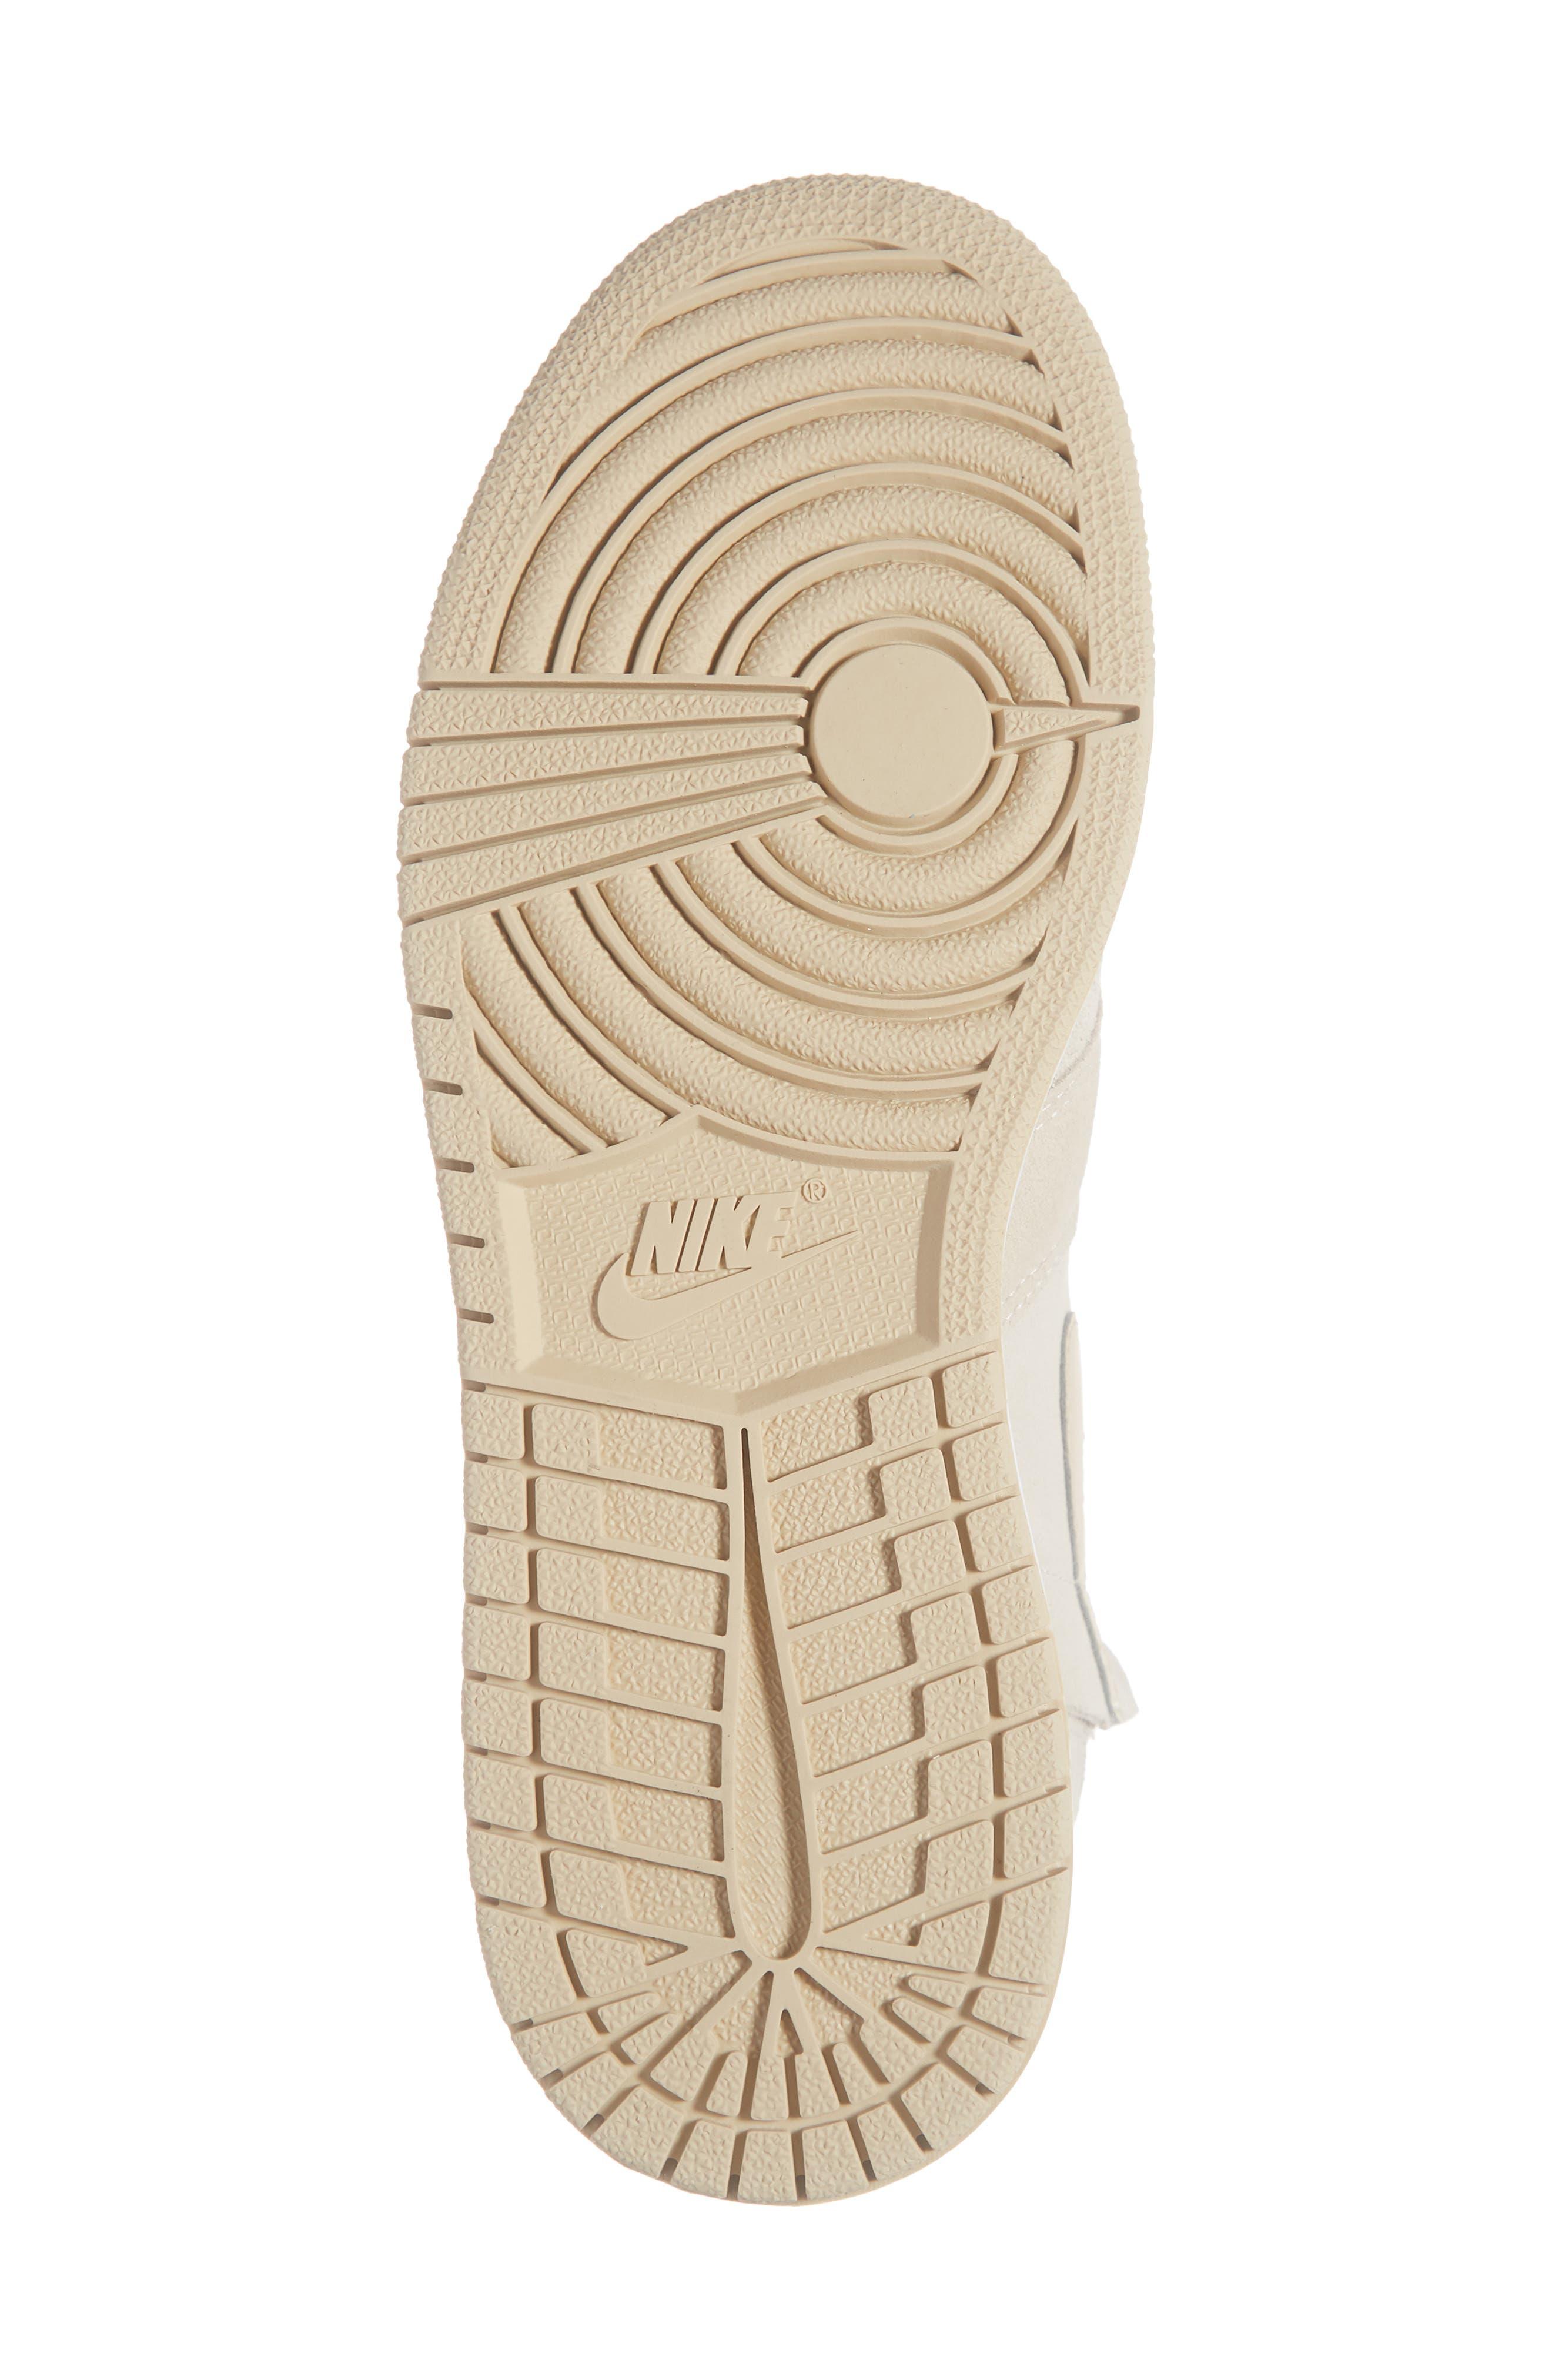 NIKE, Air Jordan 1 Rebel XX High Top Sneaker, Alternate thumbnail 6, color, LIGHT CREAM/ DESERT ORE/ WHITE